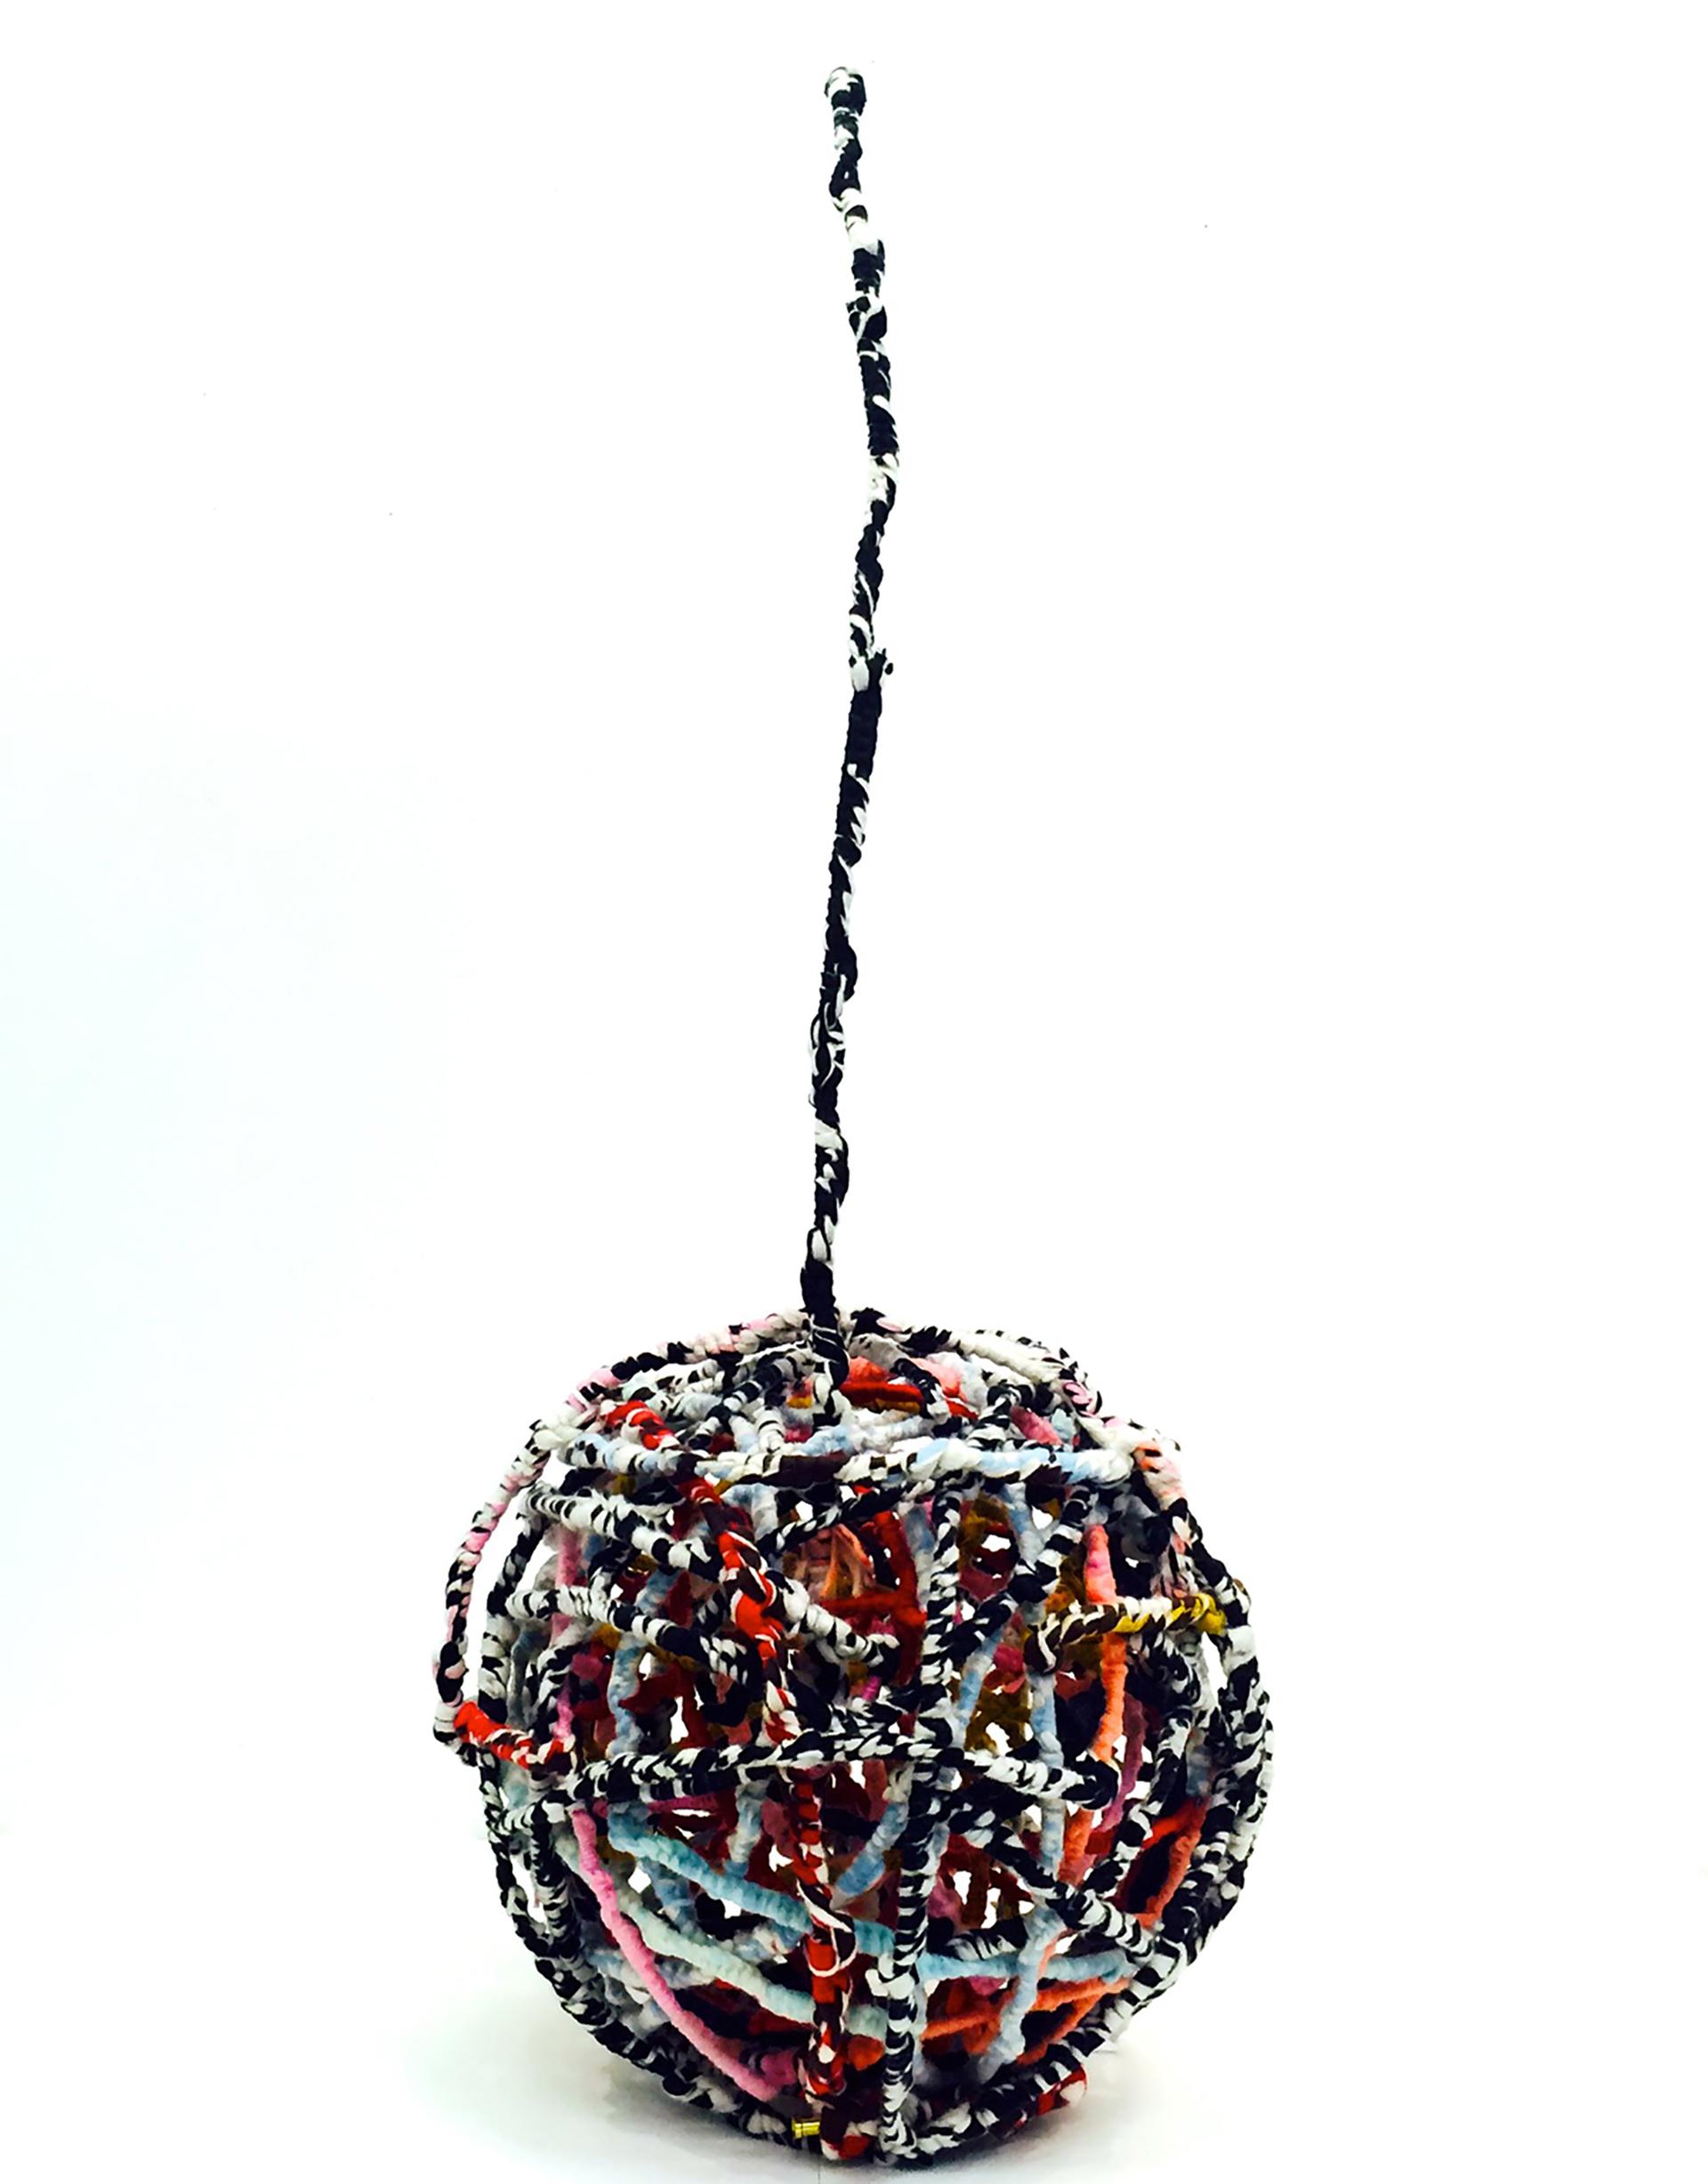 Kathleen Schneider,  Globe , Wool, felt and wire, 65 x 25 x 25 inches